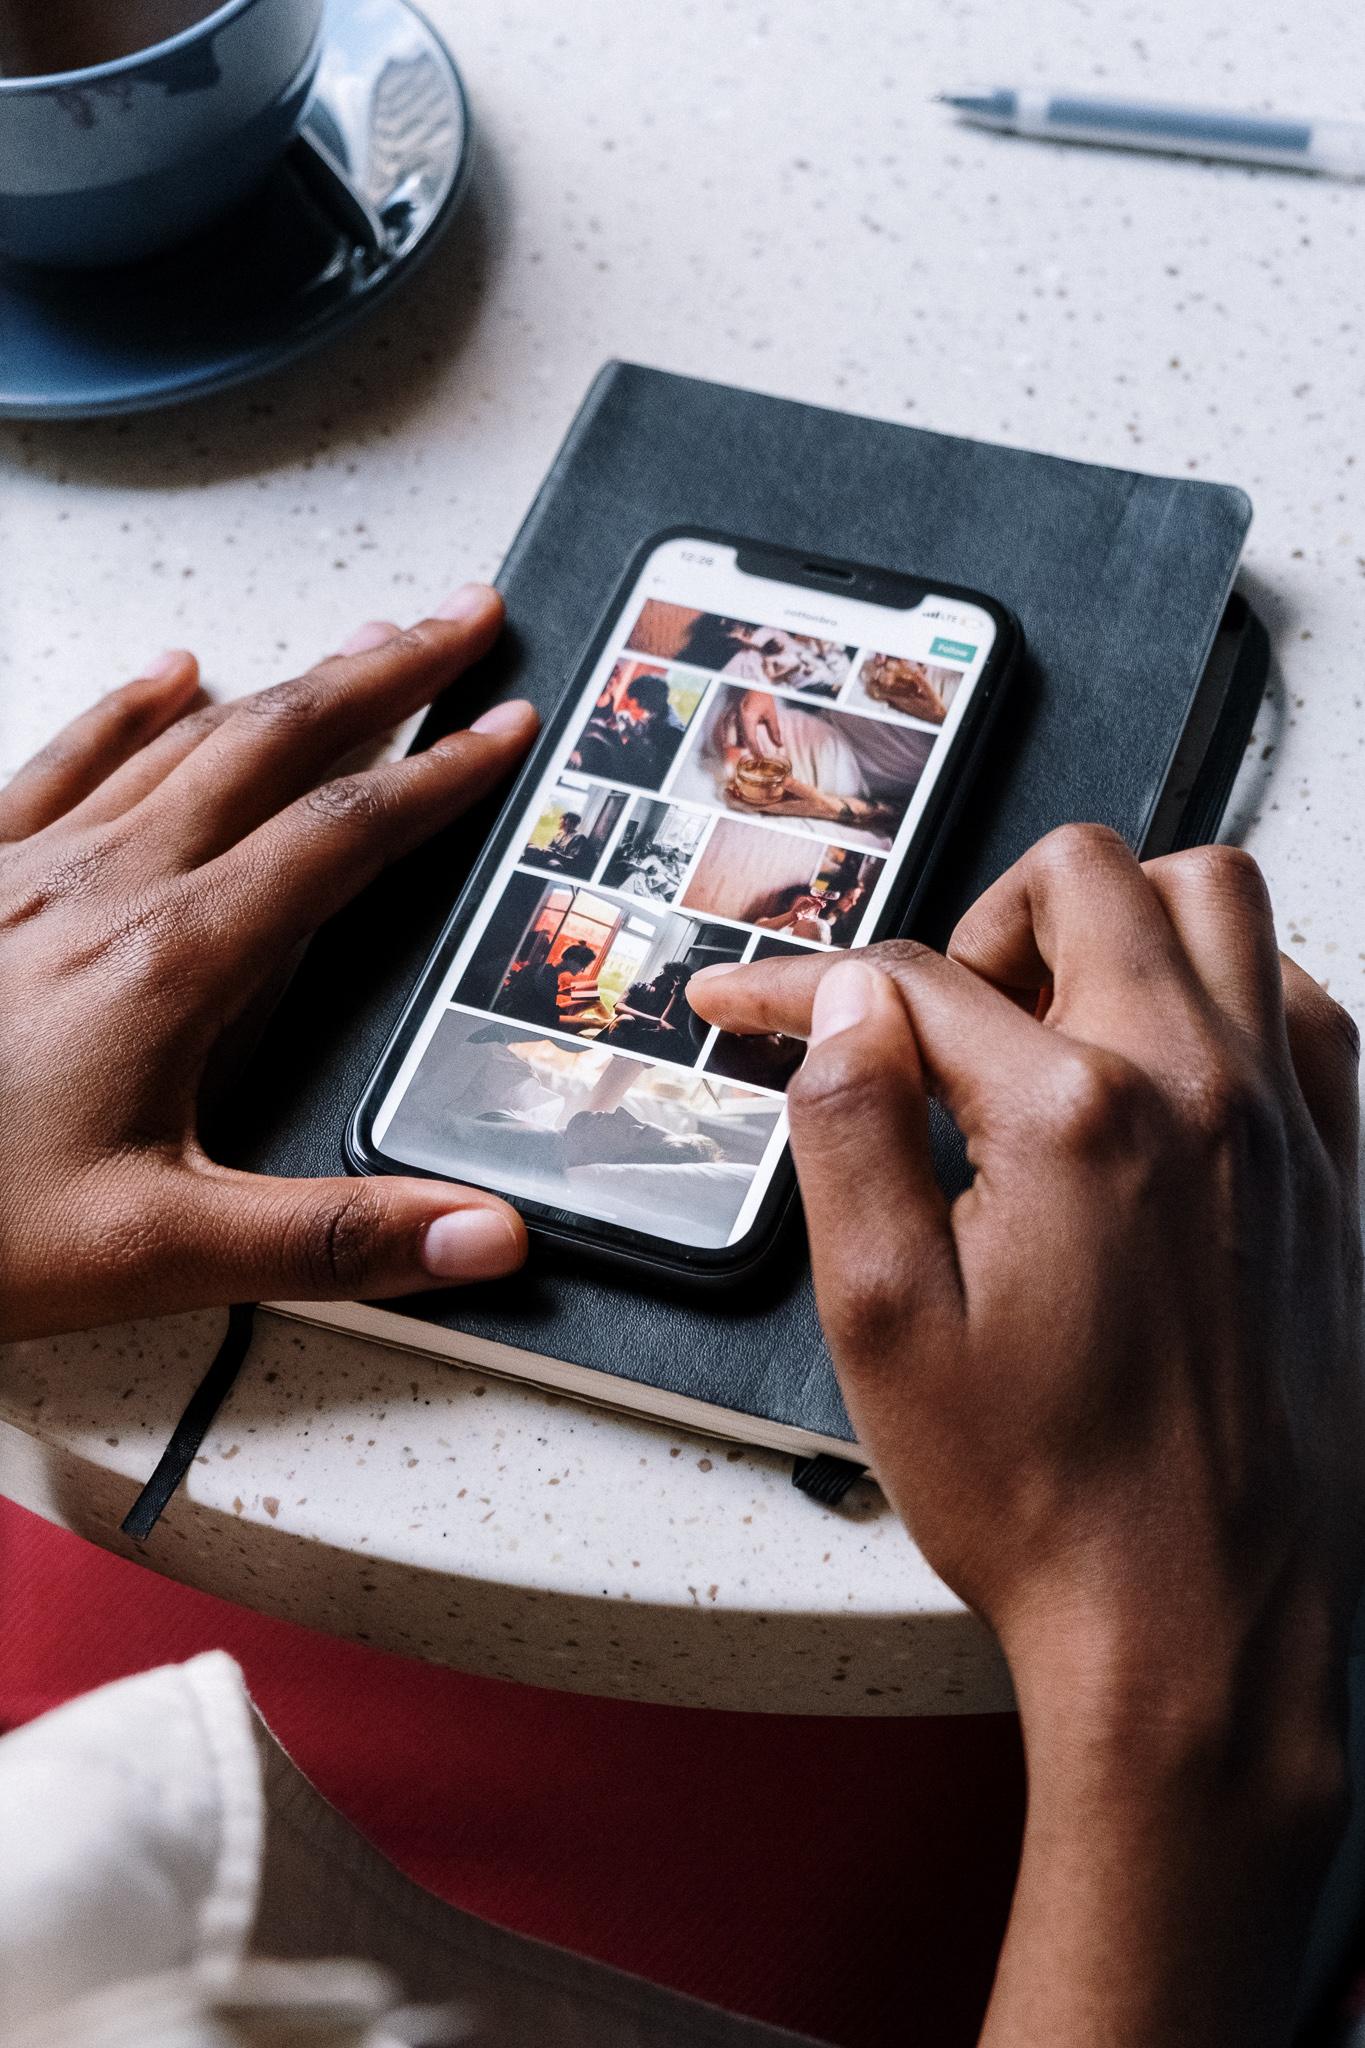 två händer skrollar igenom en smartphone, gör en digital audit eller en översyn av någons sociala medier kanaler